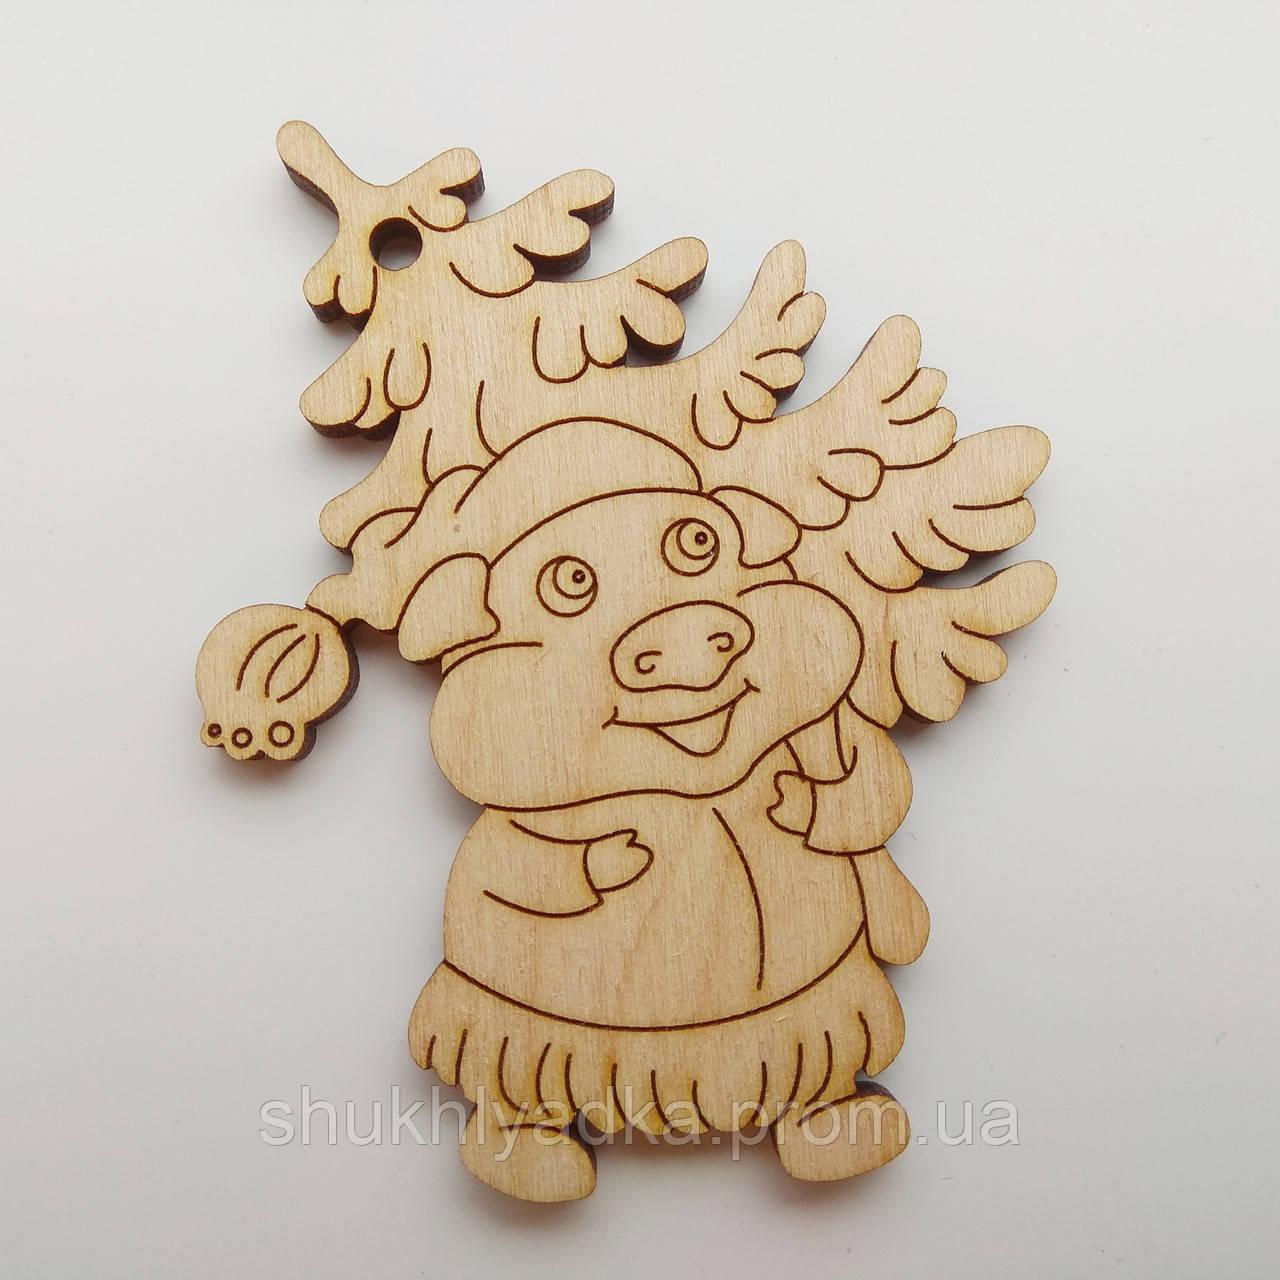 Новогодняя деревянная елочная игрушка Свинка с елкой_деревянная заготовка_Новый год